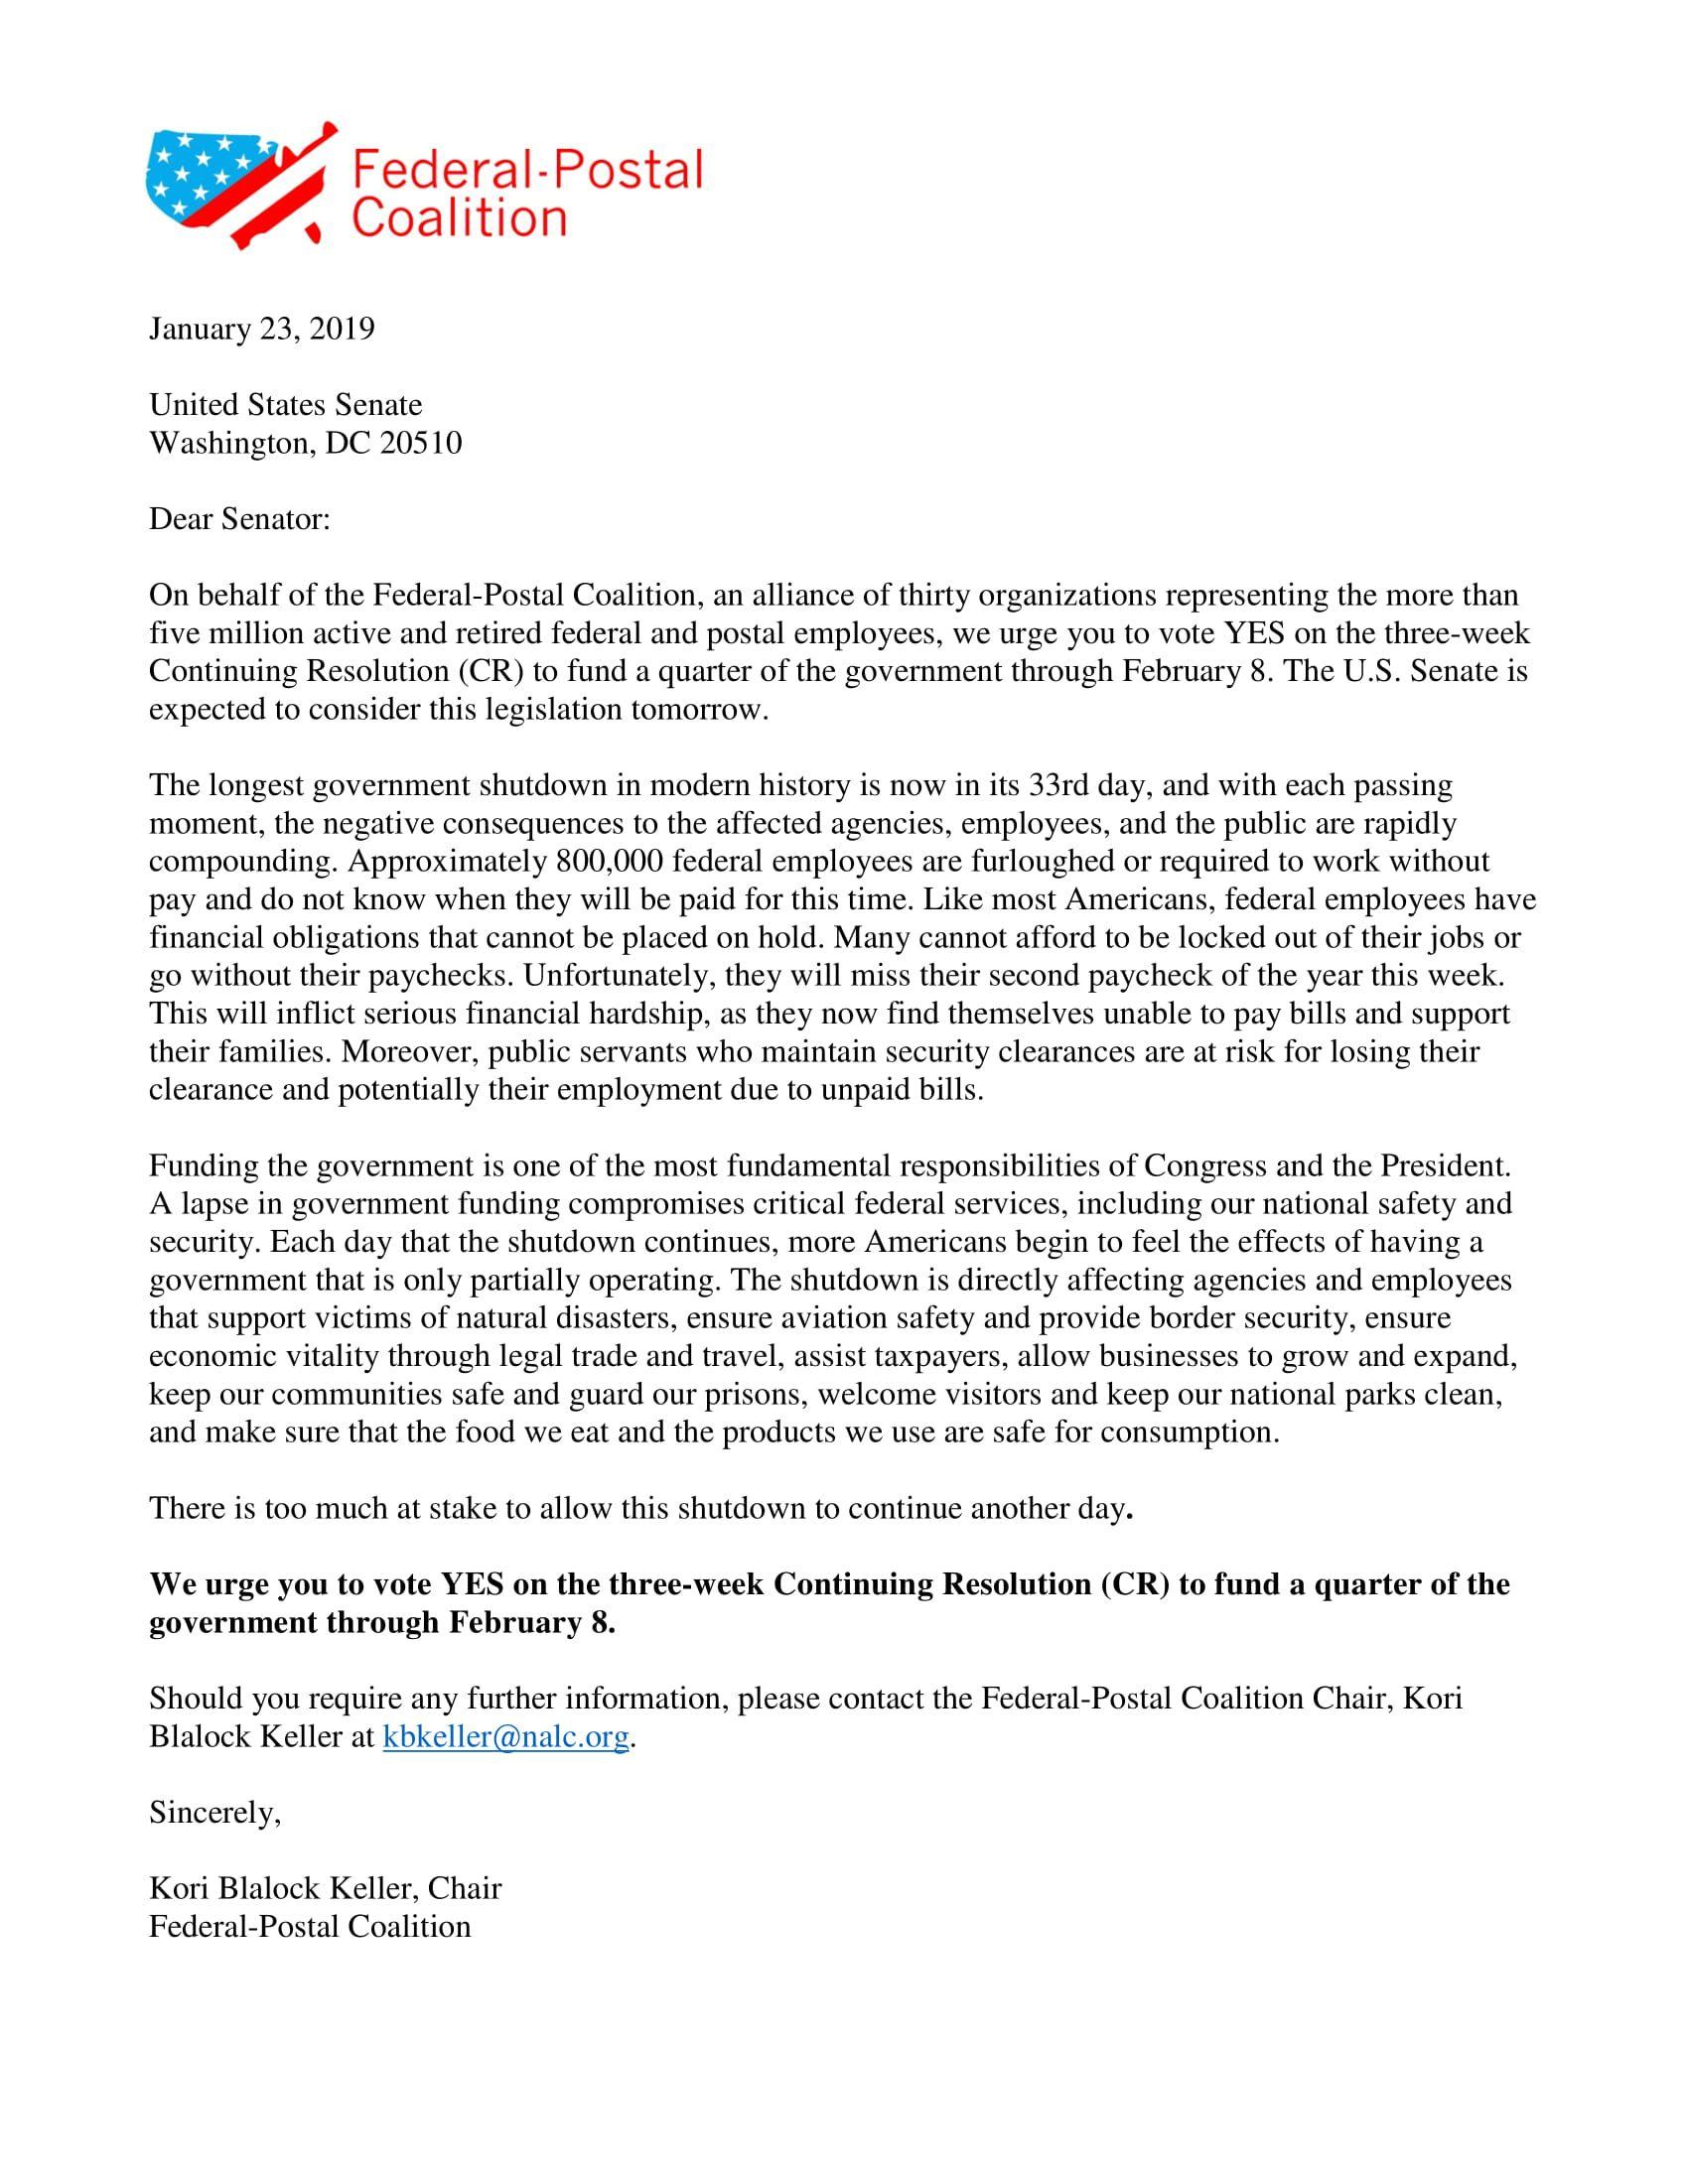 FPC Shutdown Letter-1.jpg